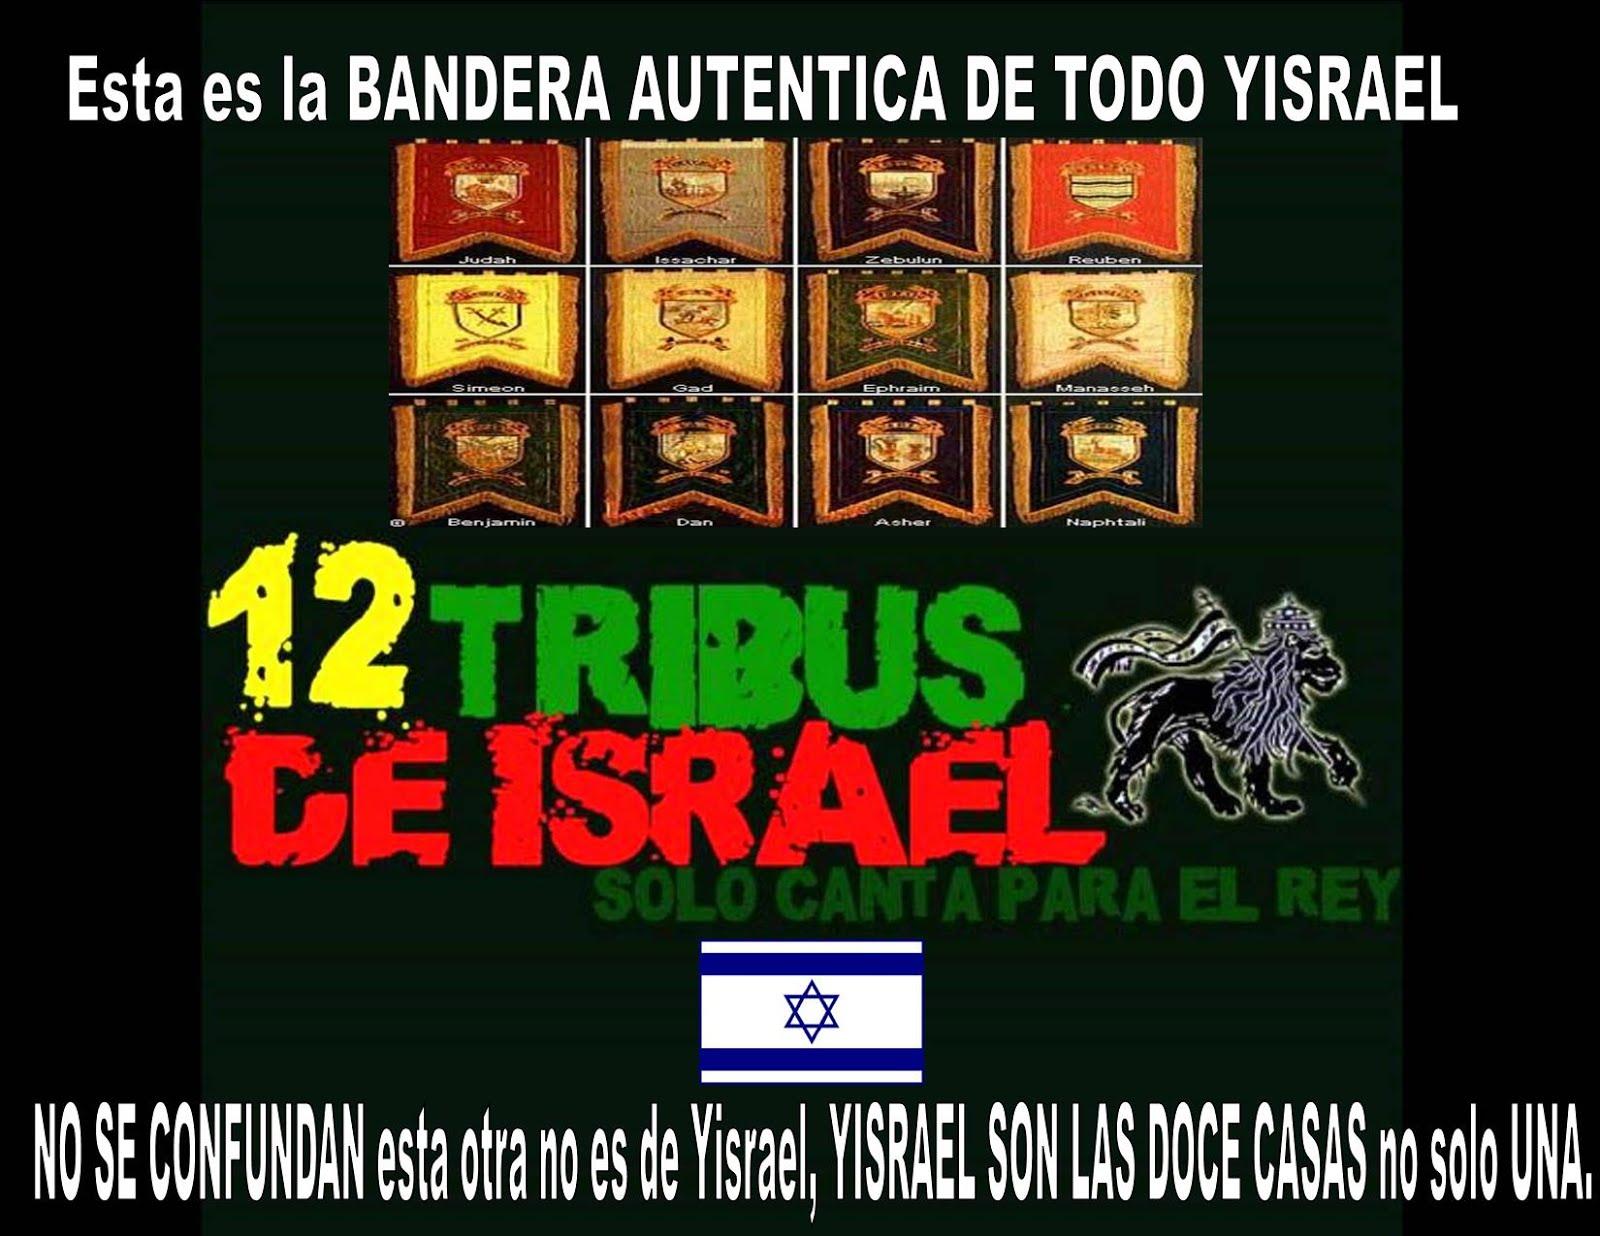 LAS BANDERAS DE TODO YISRAEL